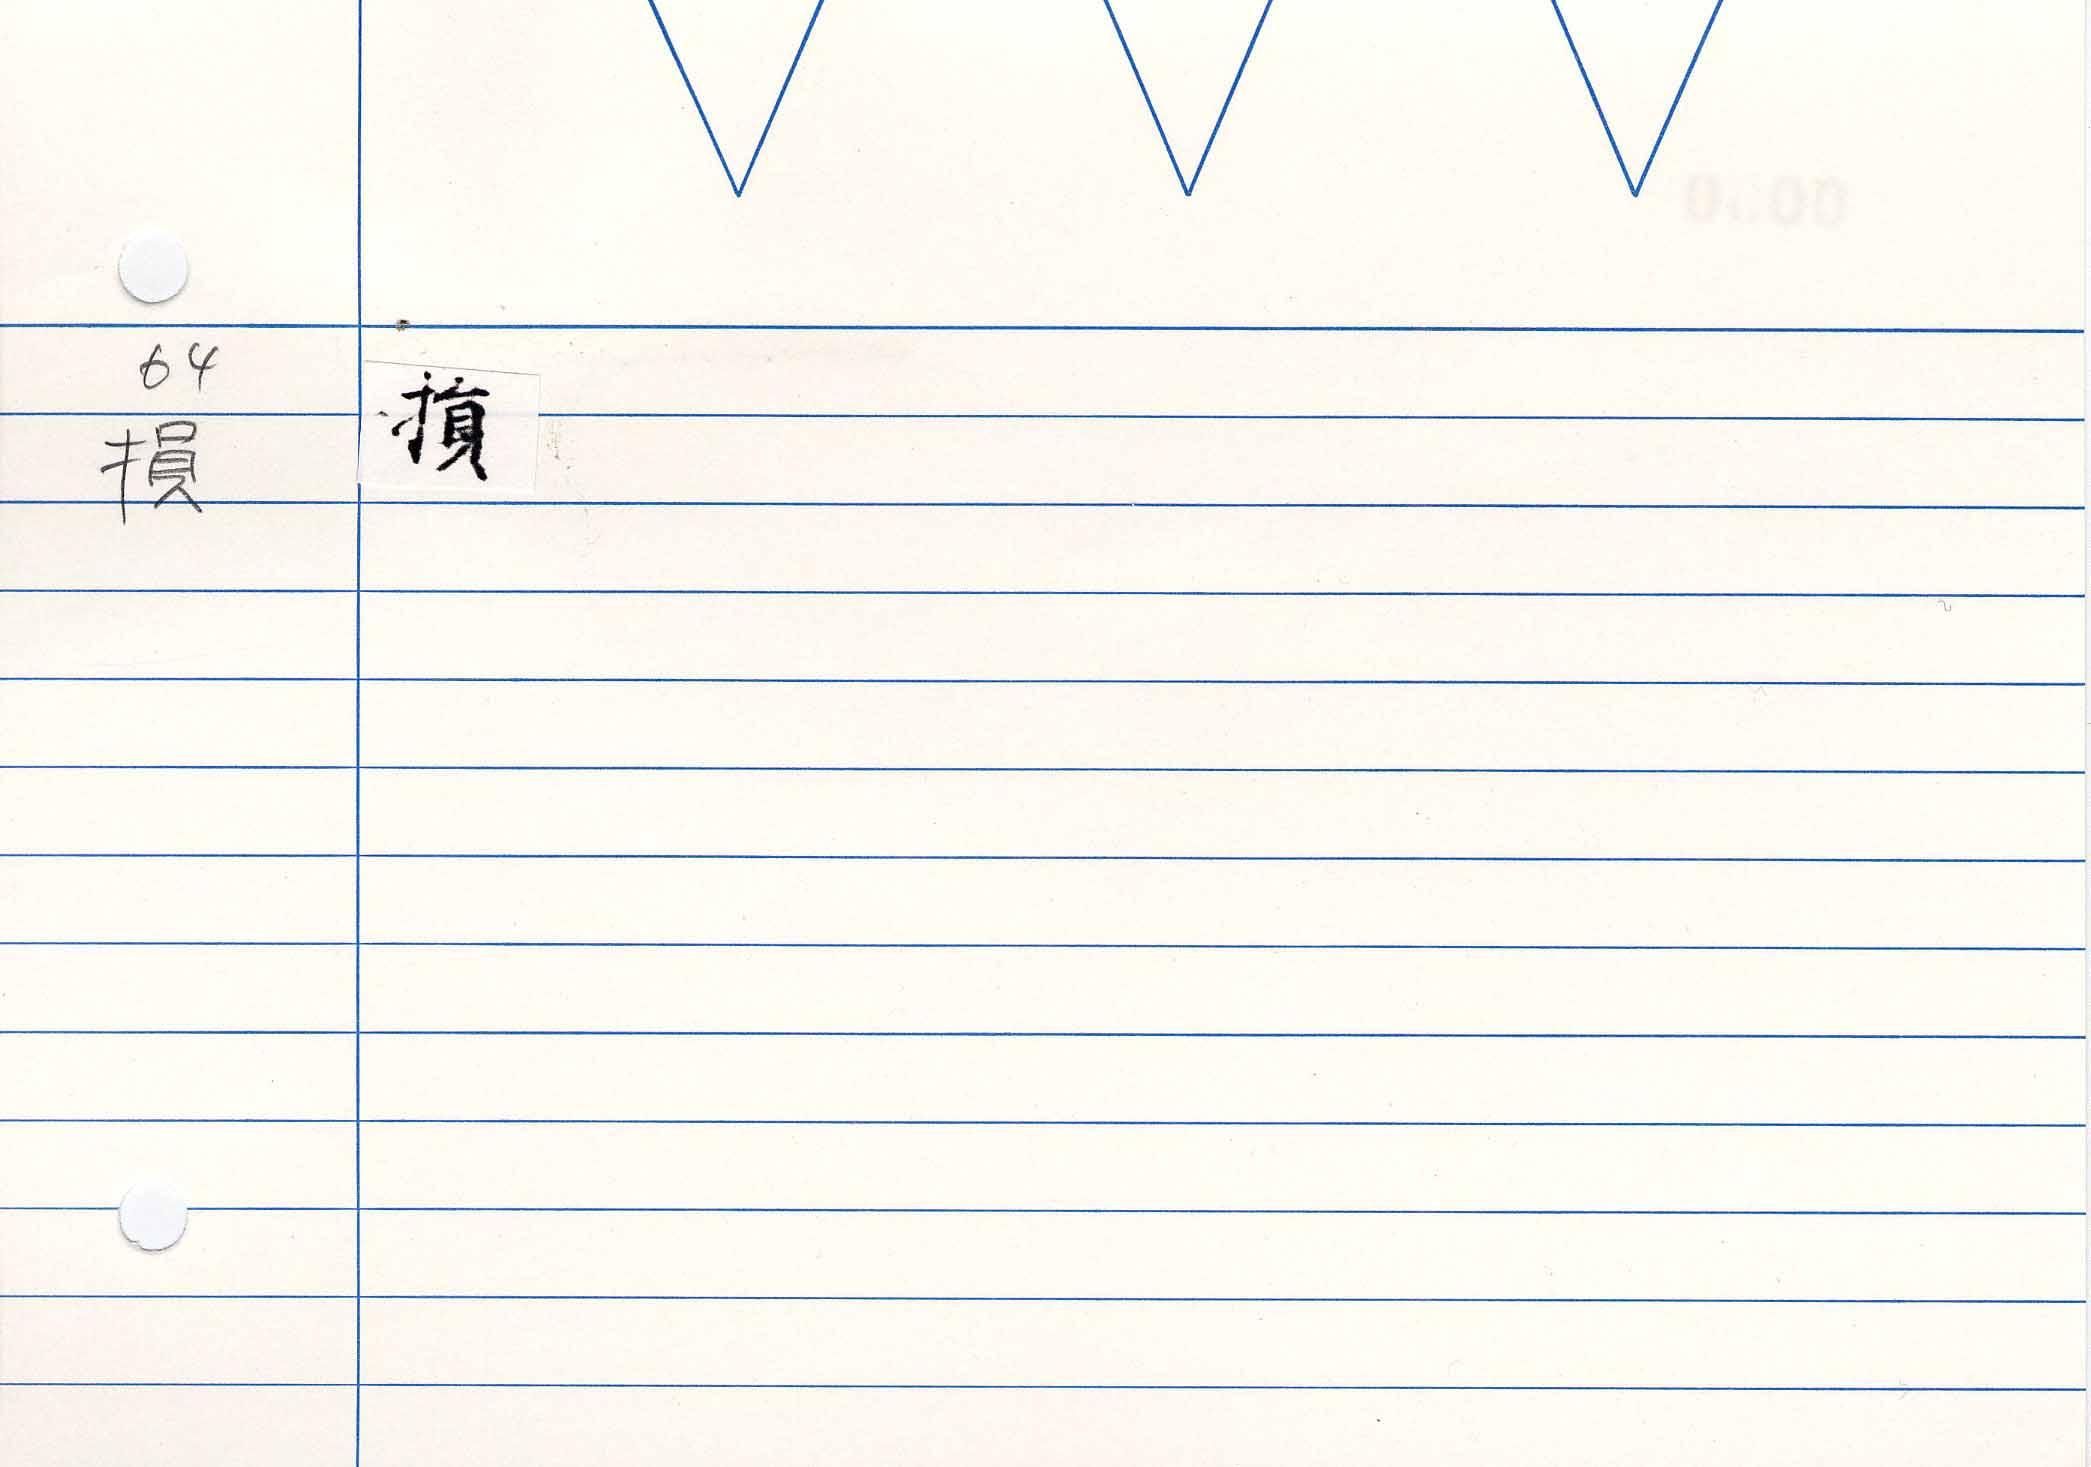 13_妙法蓮華經卷八(S.2577)/cards/0090.jpg